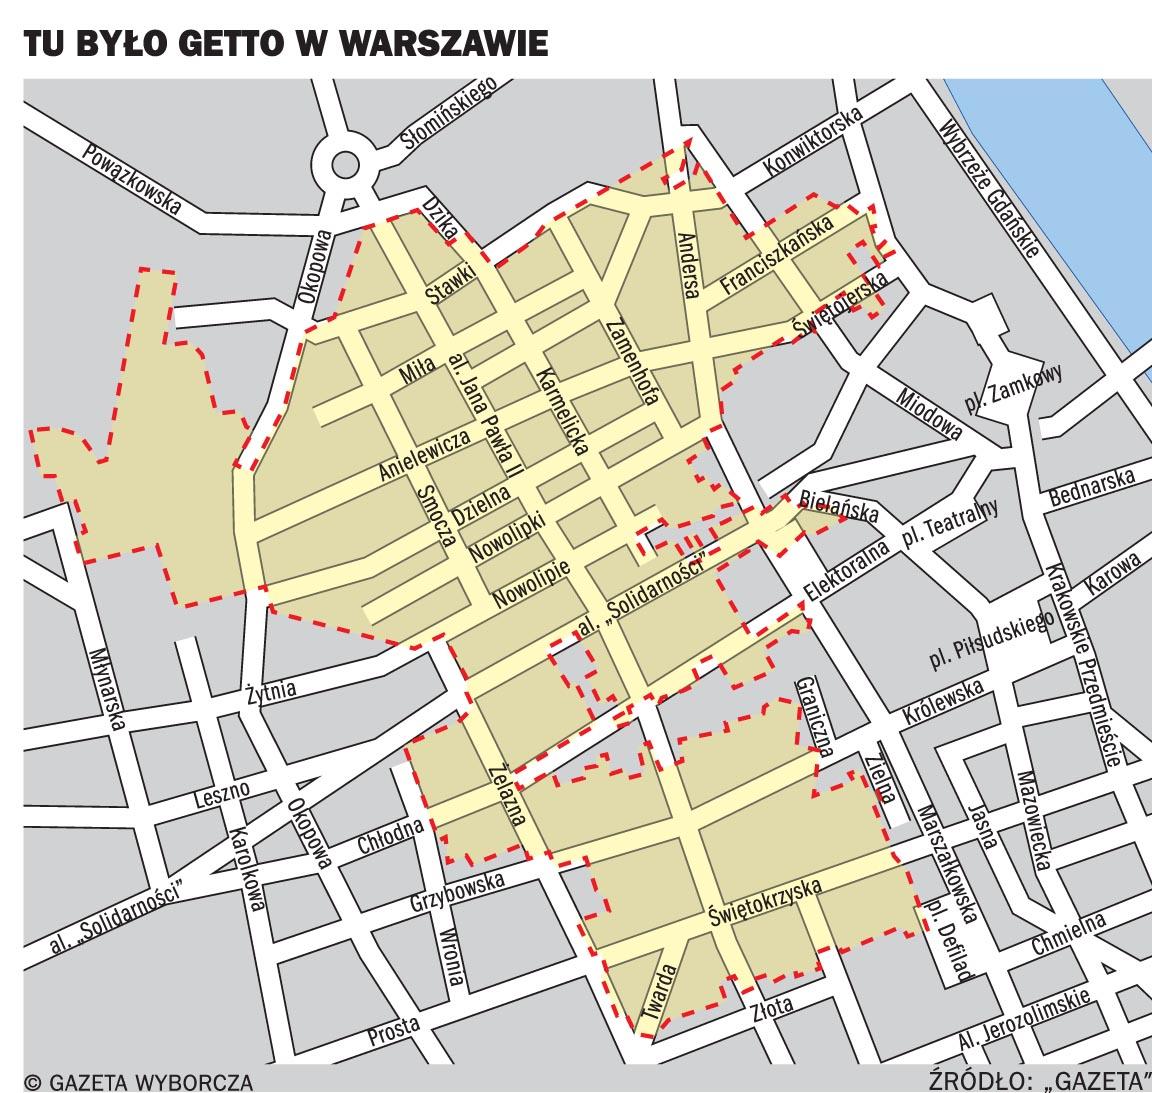 onde posso encontrar um mapa de localizacao do gueto de varsovia a  - onde posso encontrar um mapa de localizacao do gueto de varsovia a cidadehoje  viagem